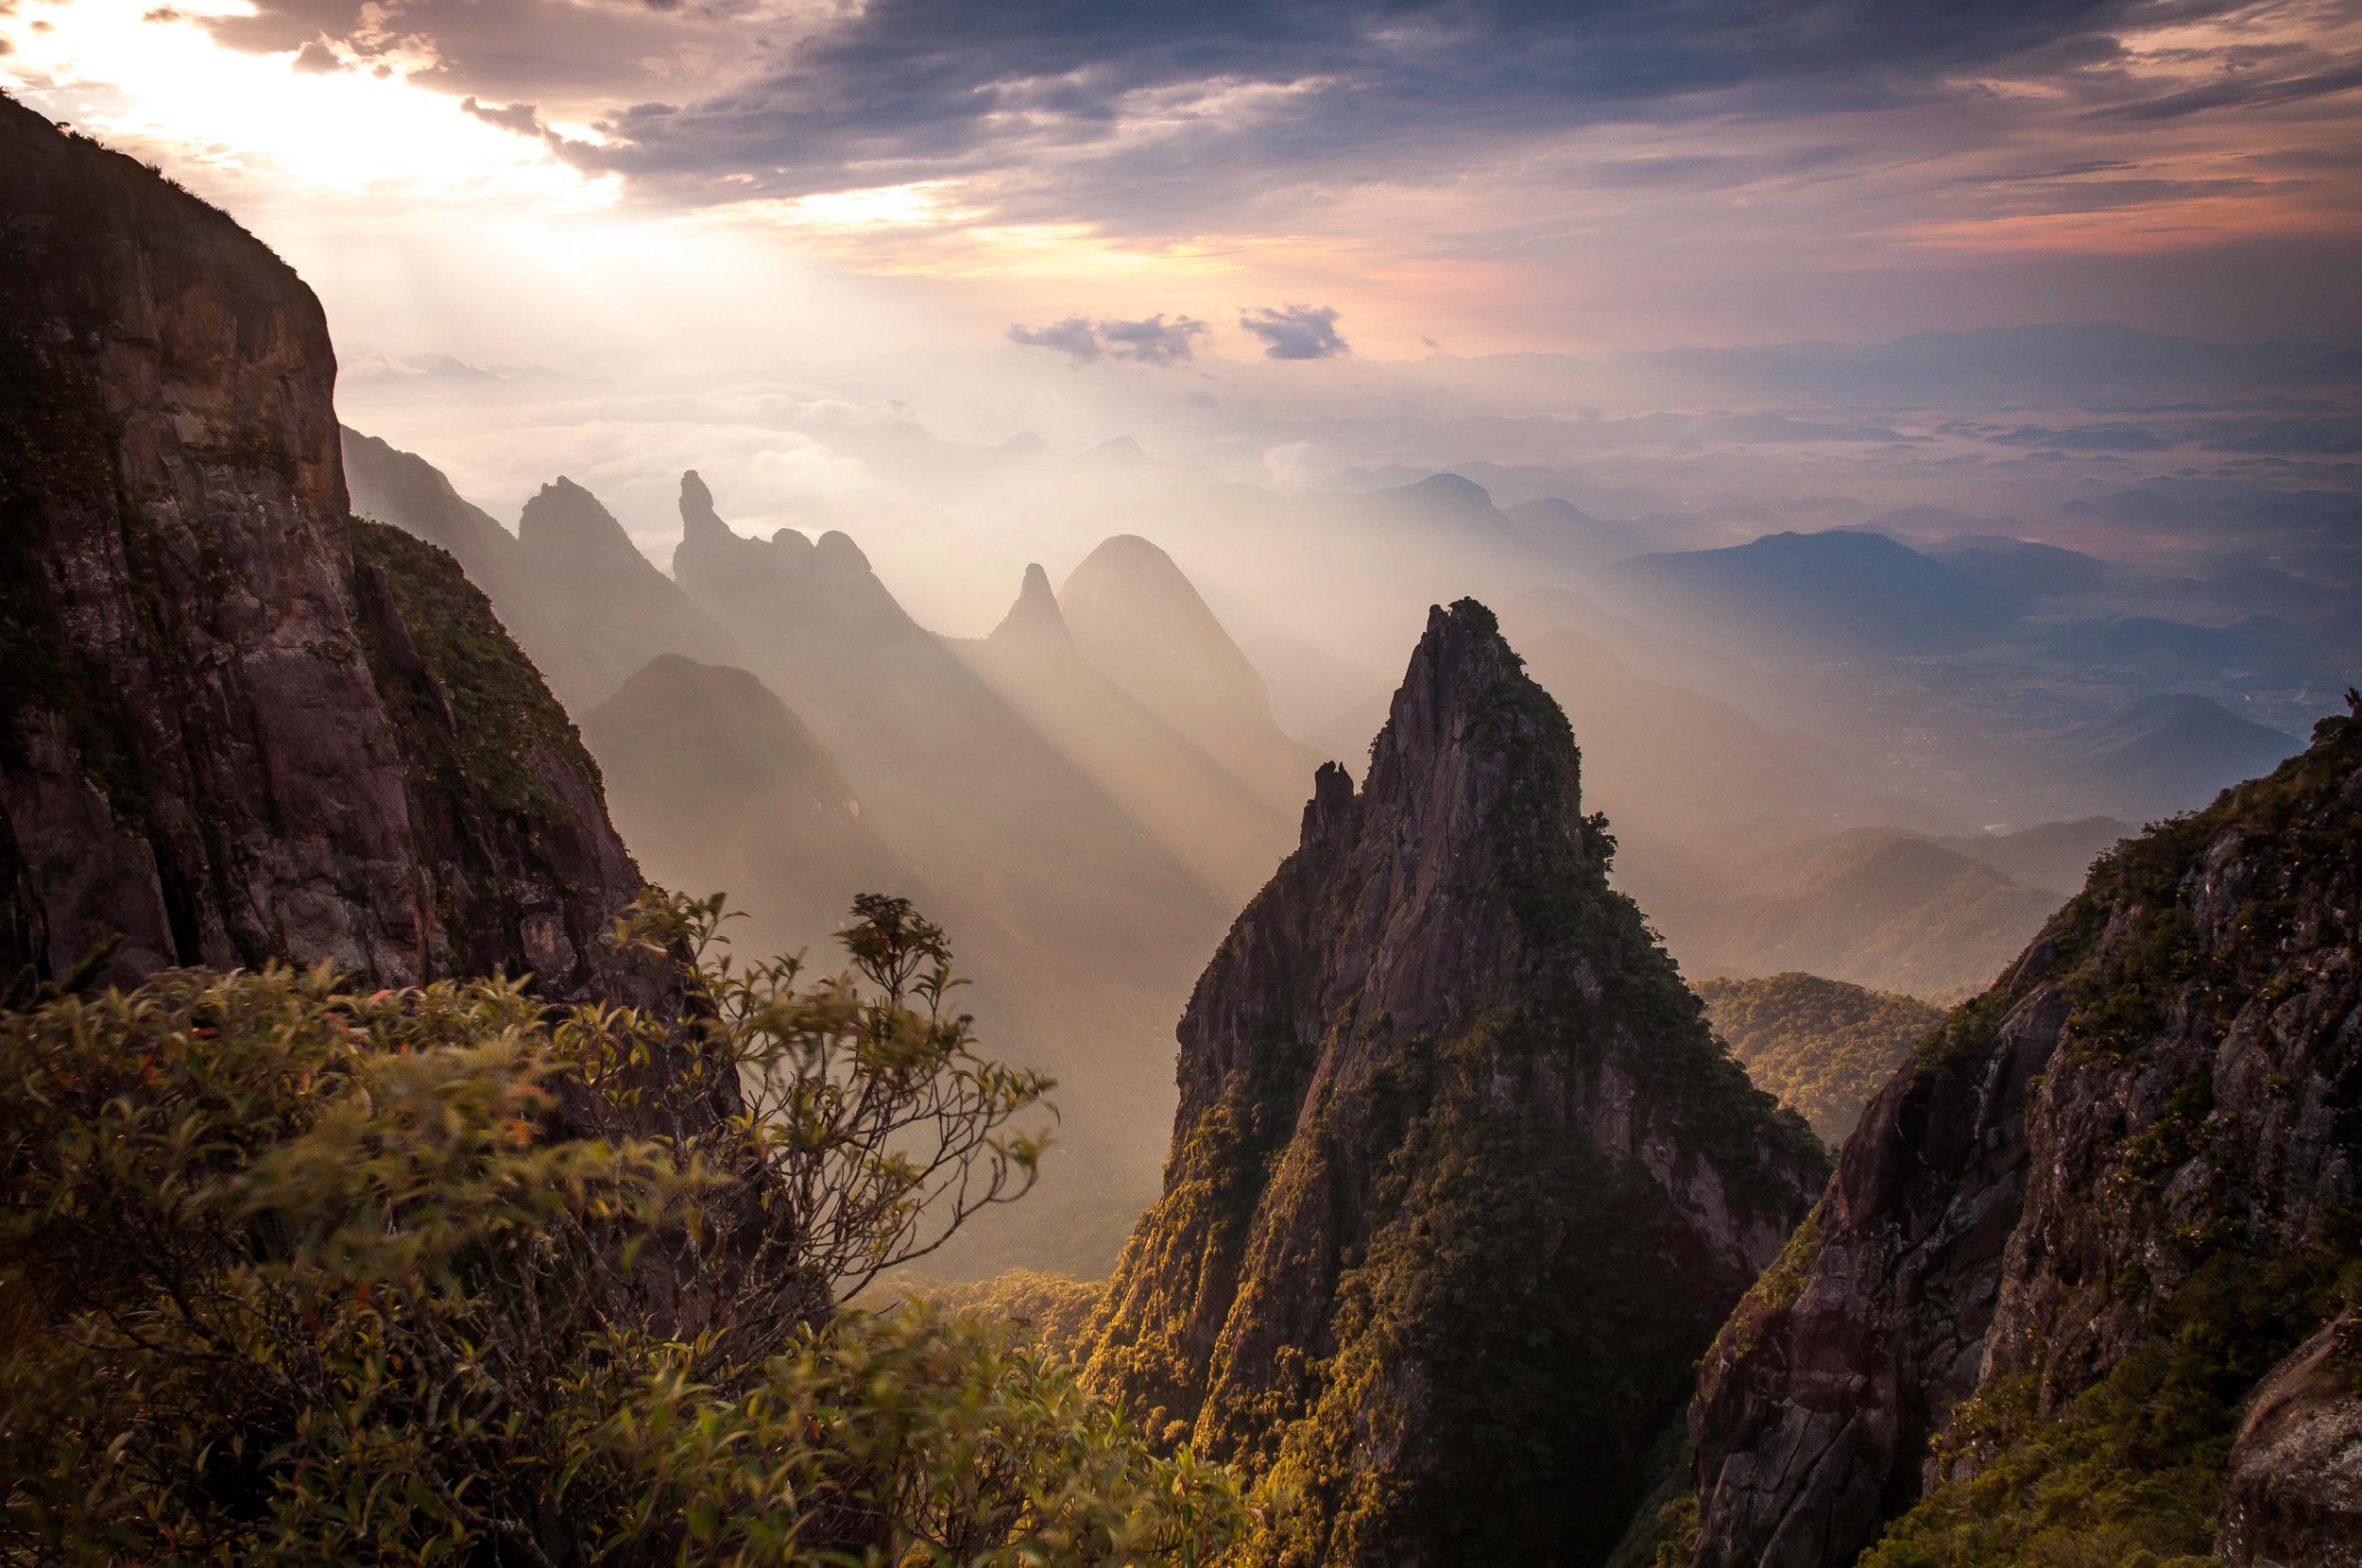 Serra dos Órgãos National Park with God's Finger peak in the background.